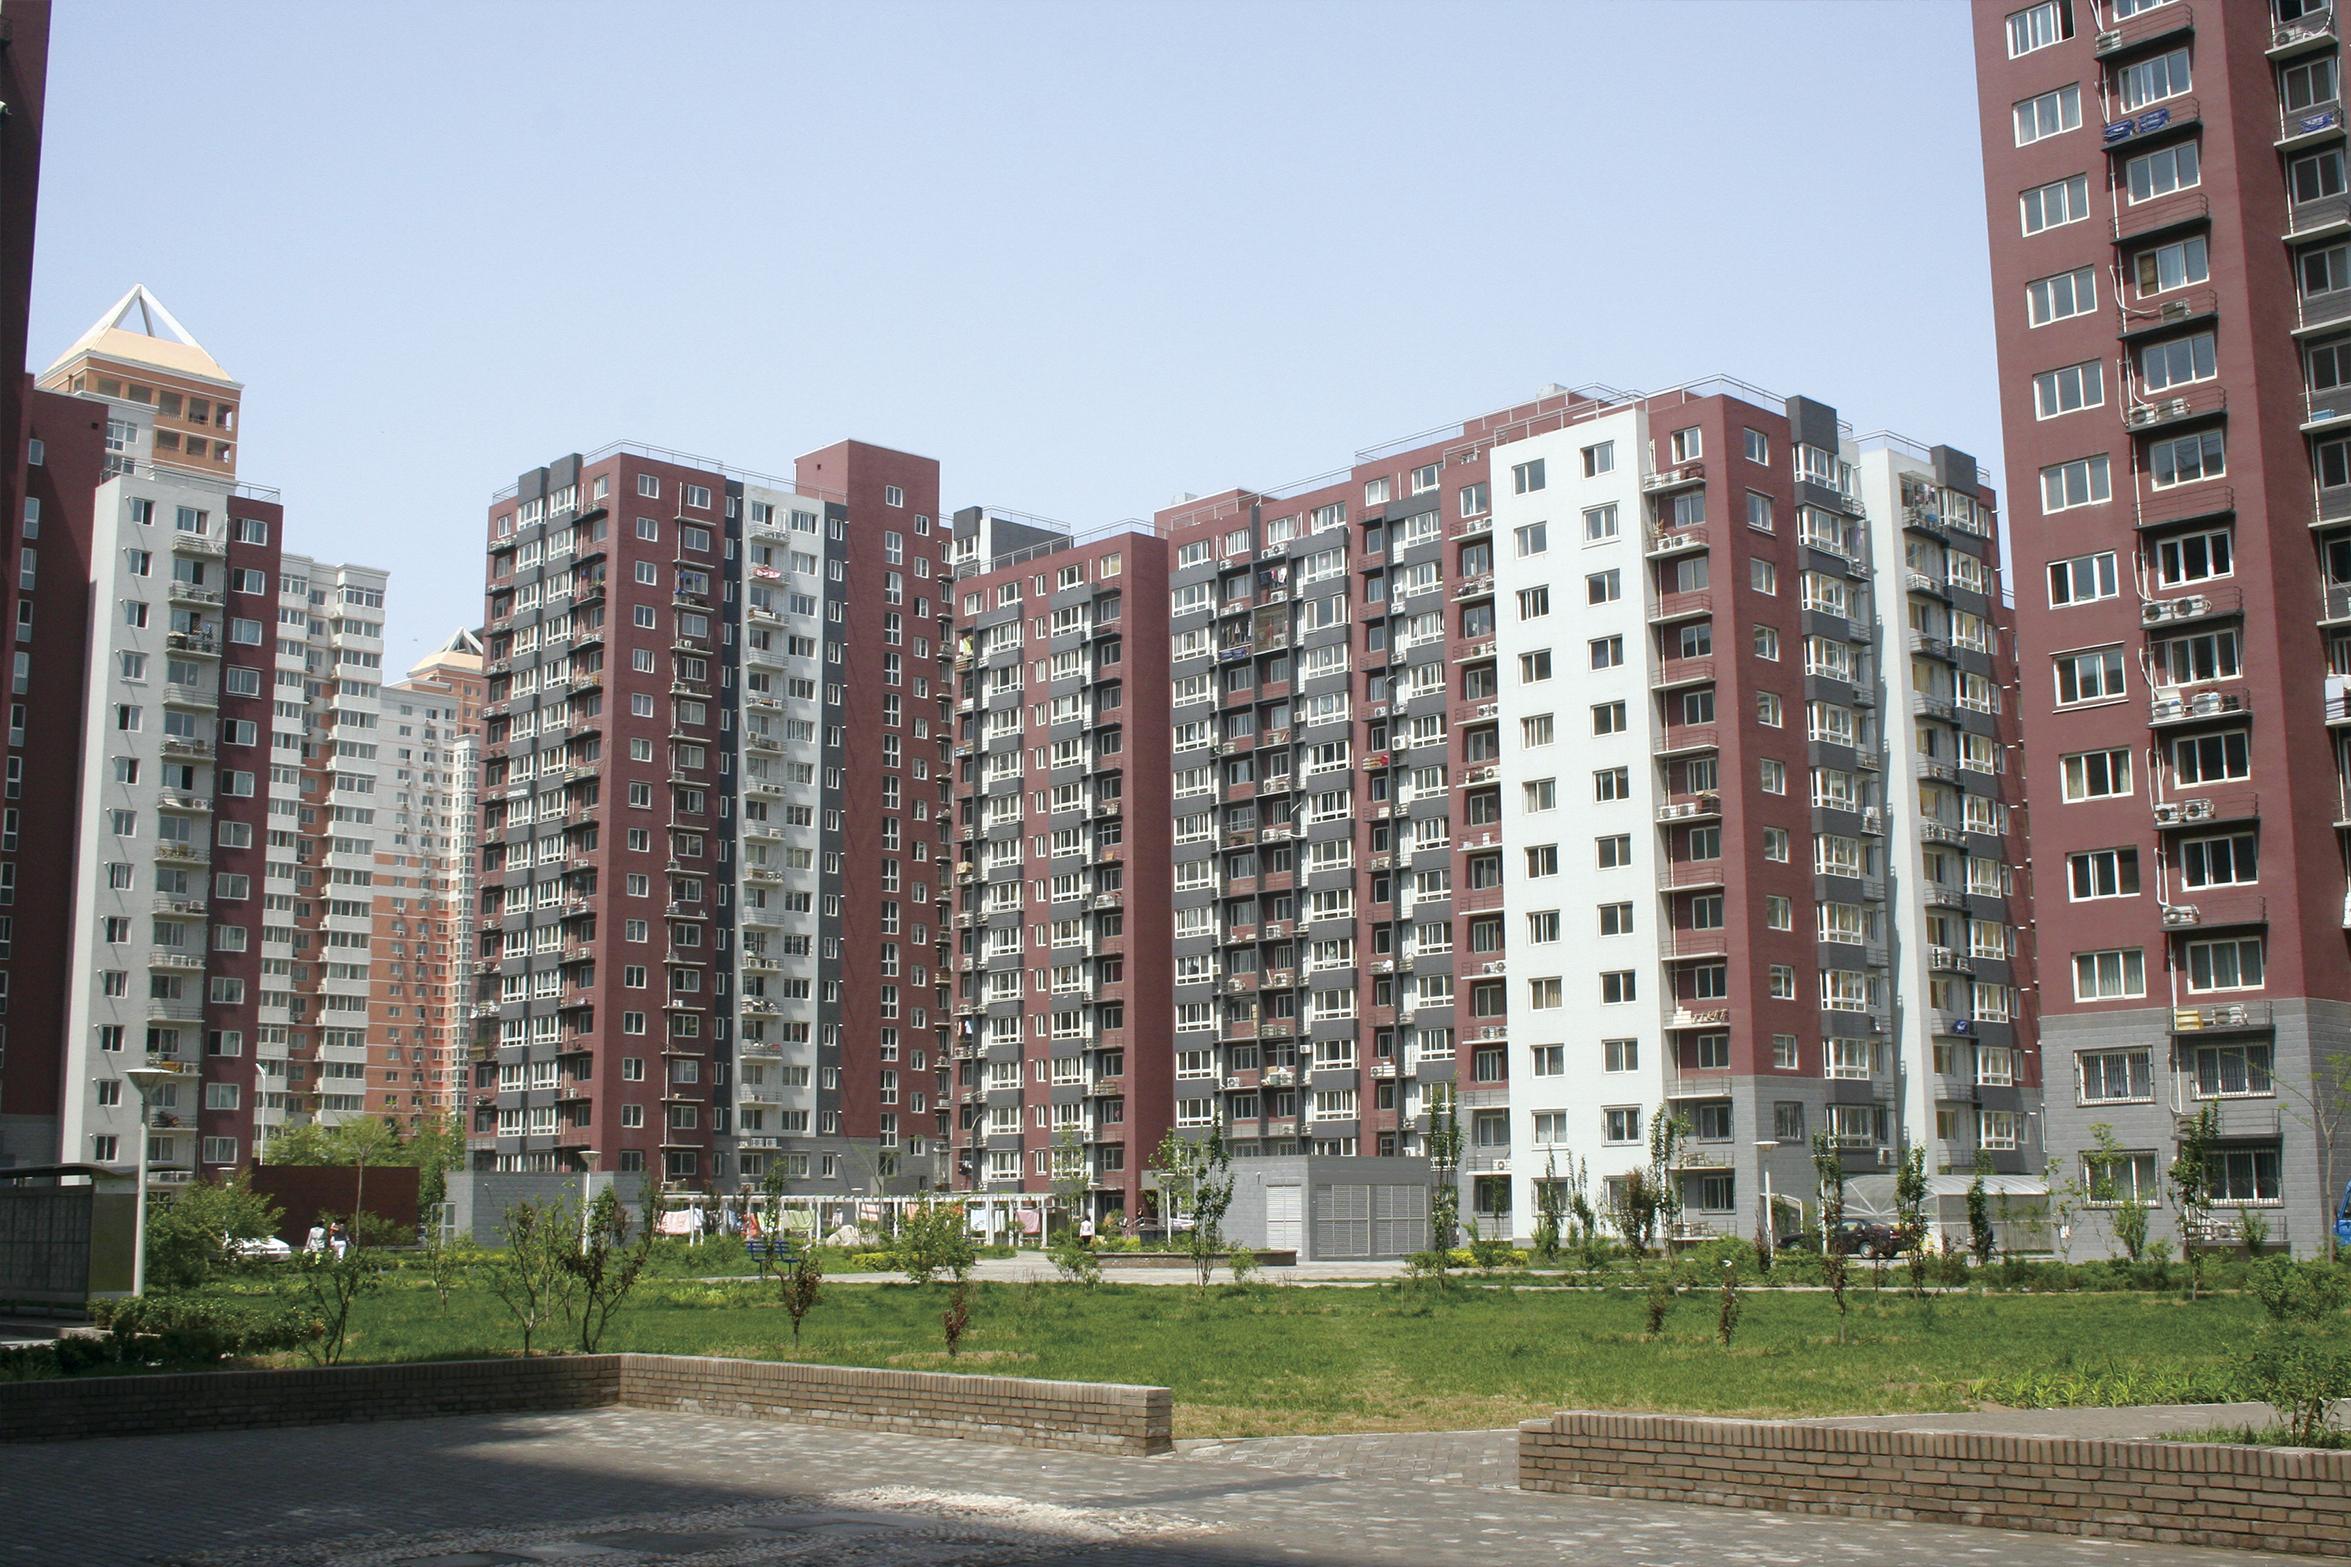 北京世紀風景住宅小區